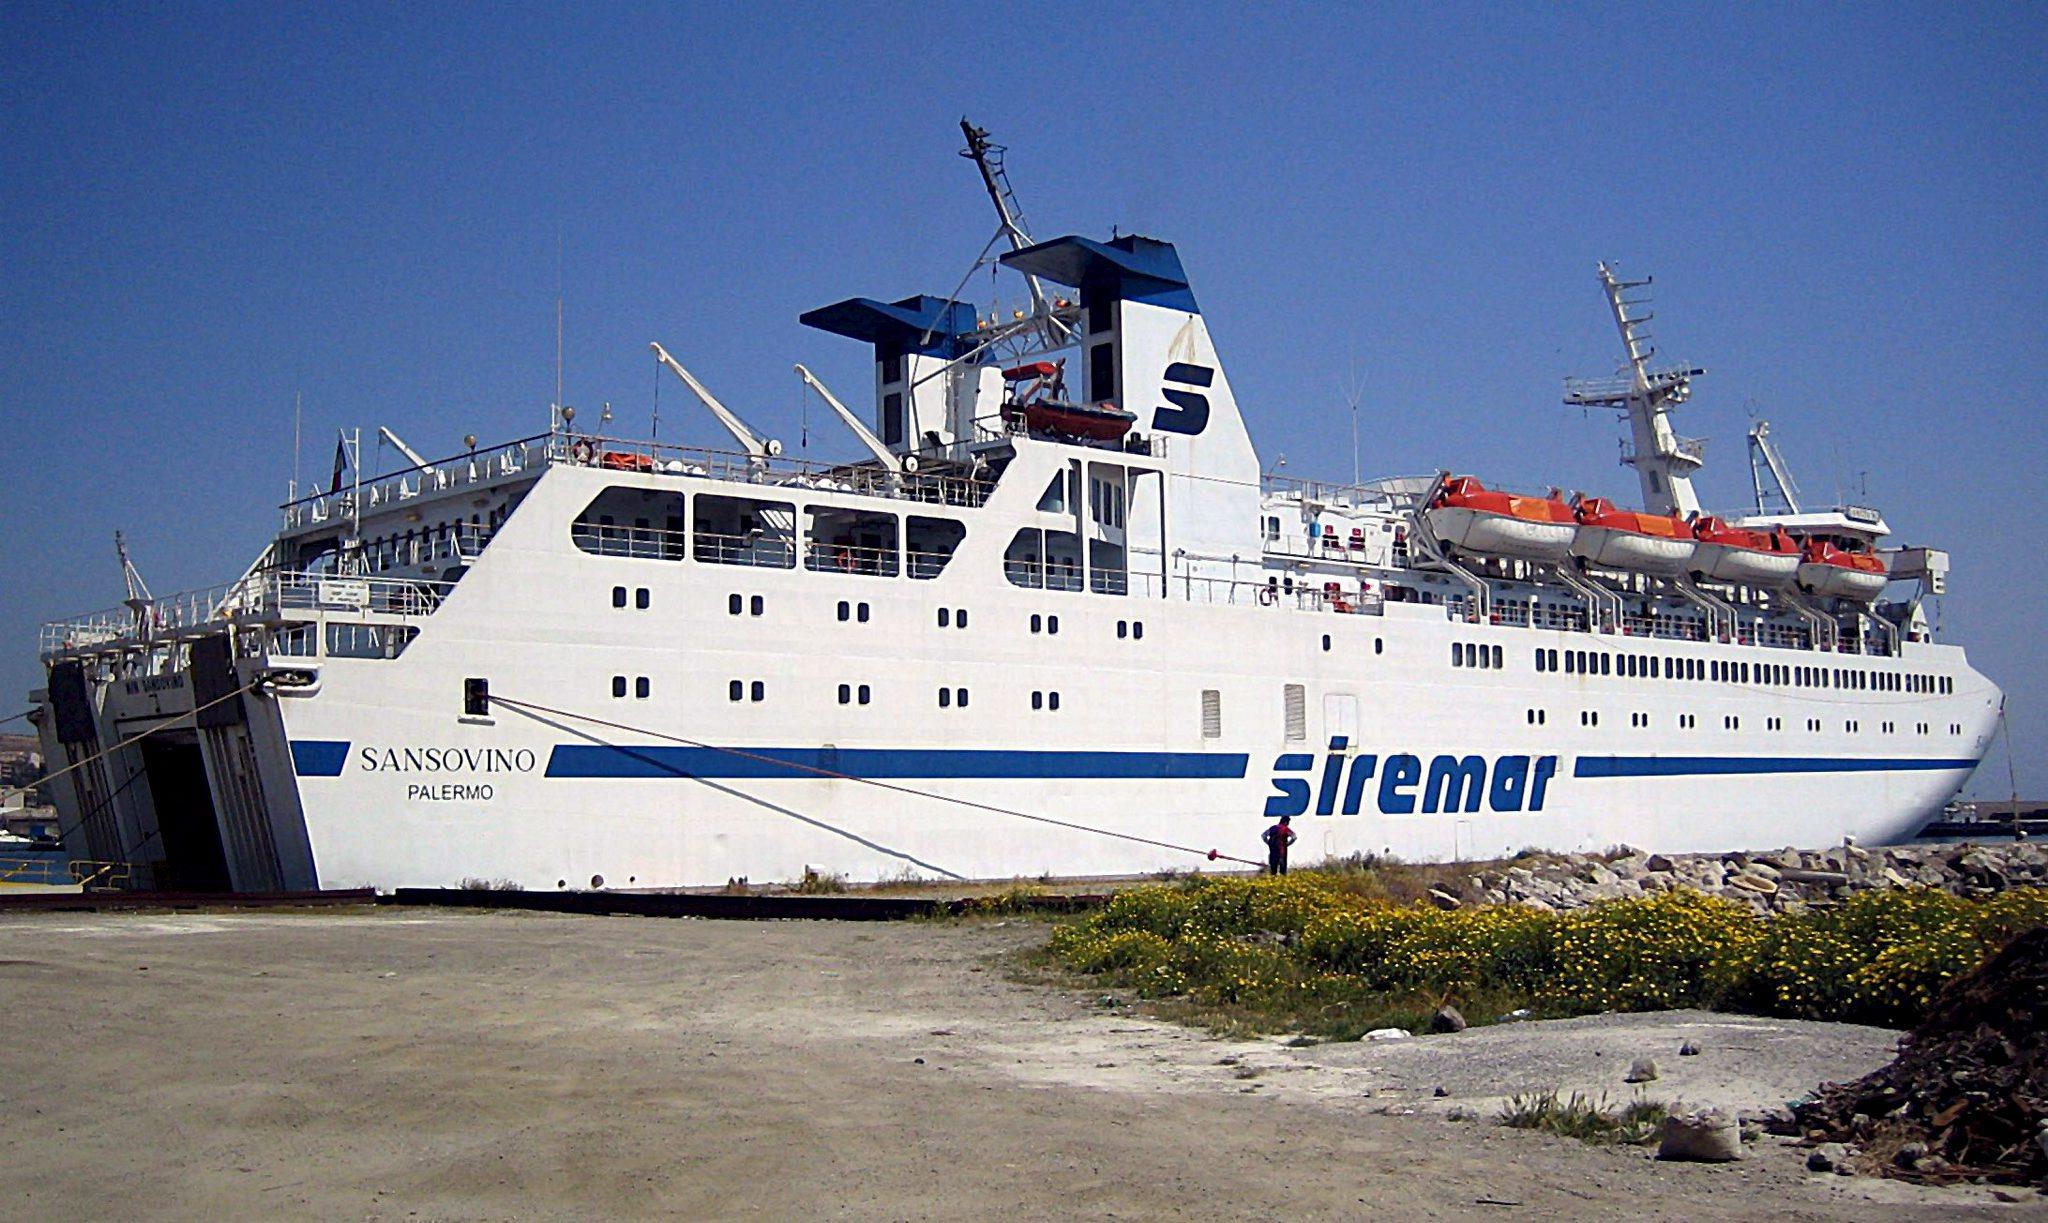 Siremar acquisita da Caronte&Torist e Ustica Lines